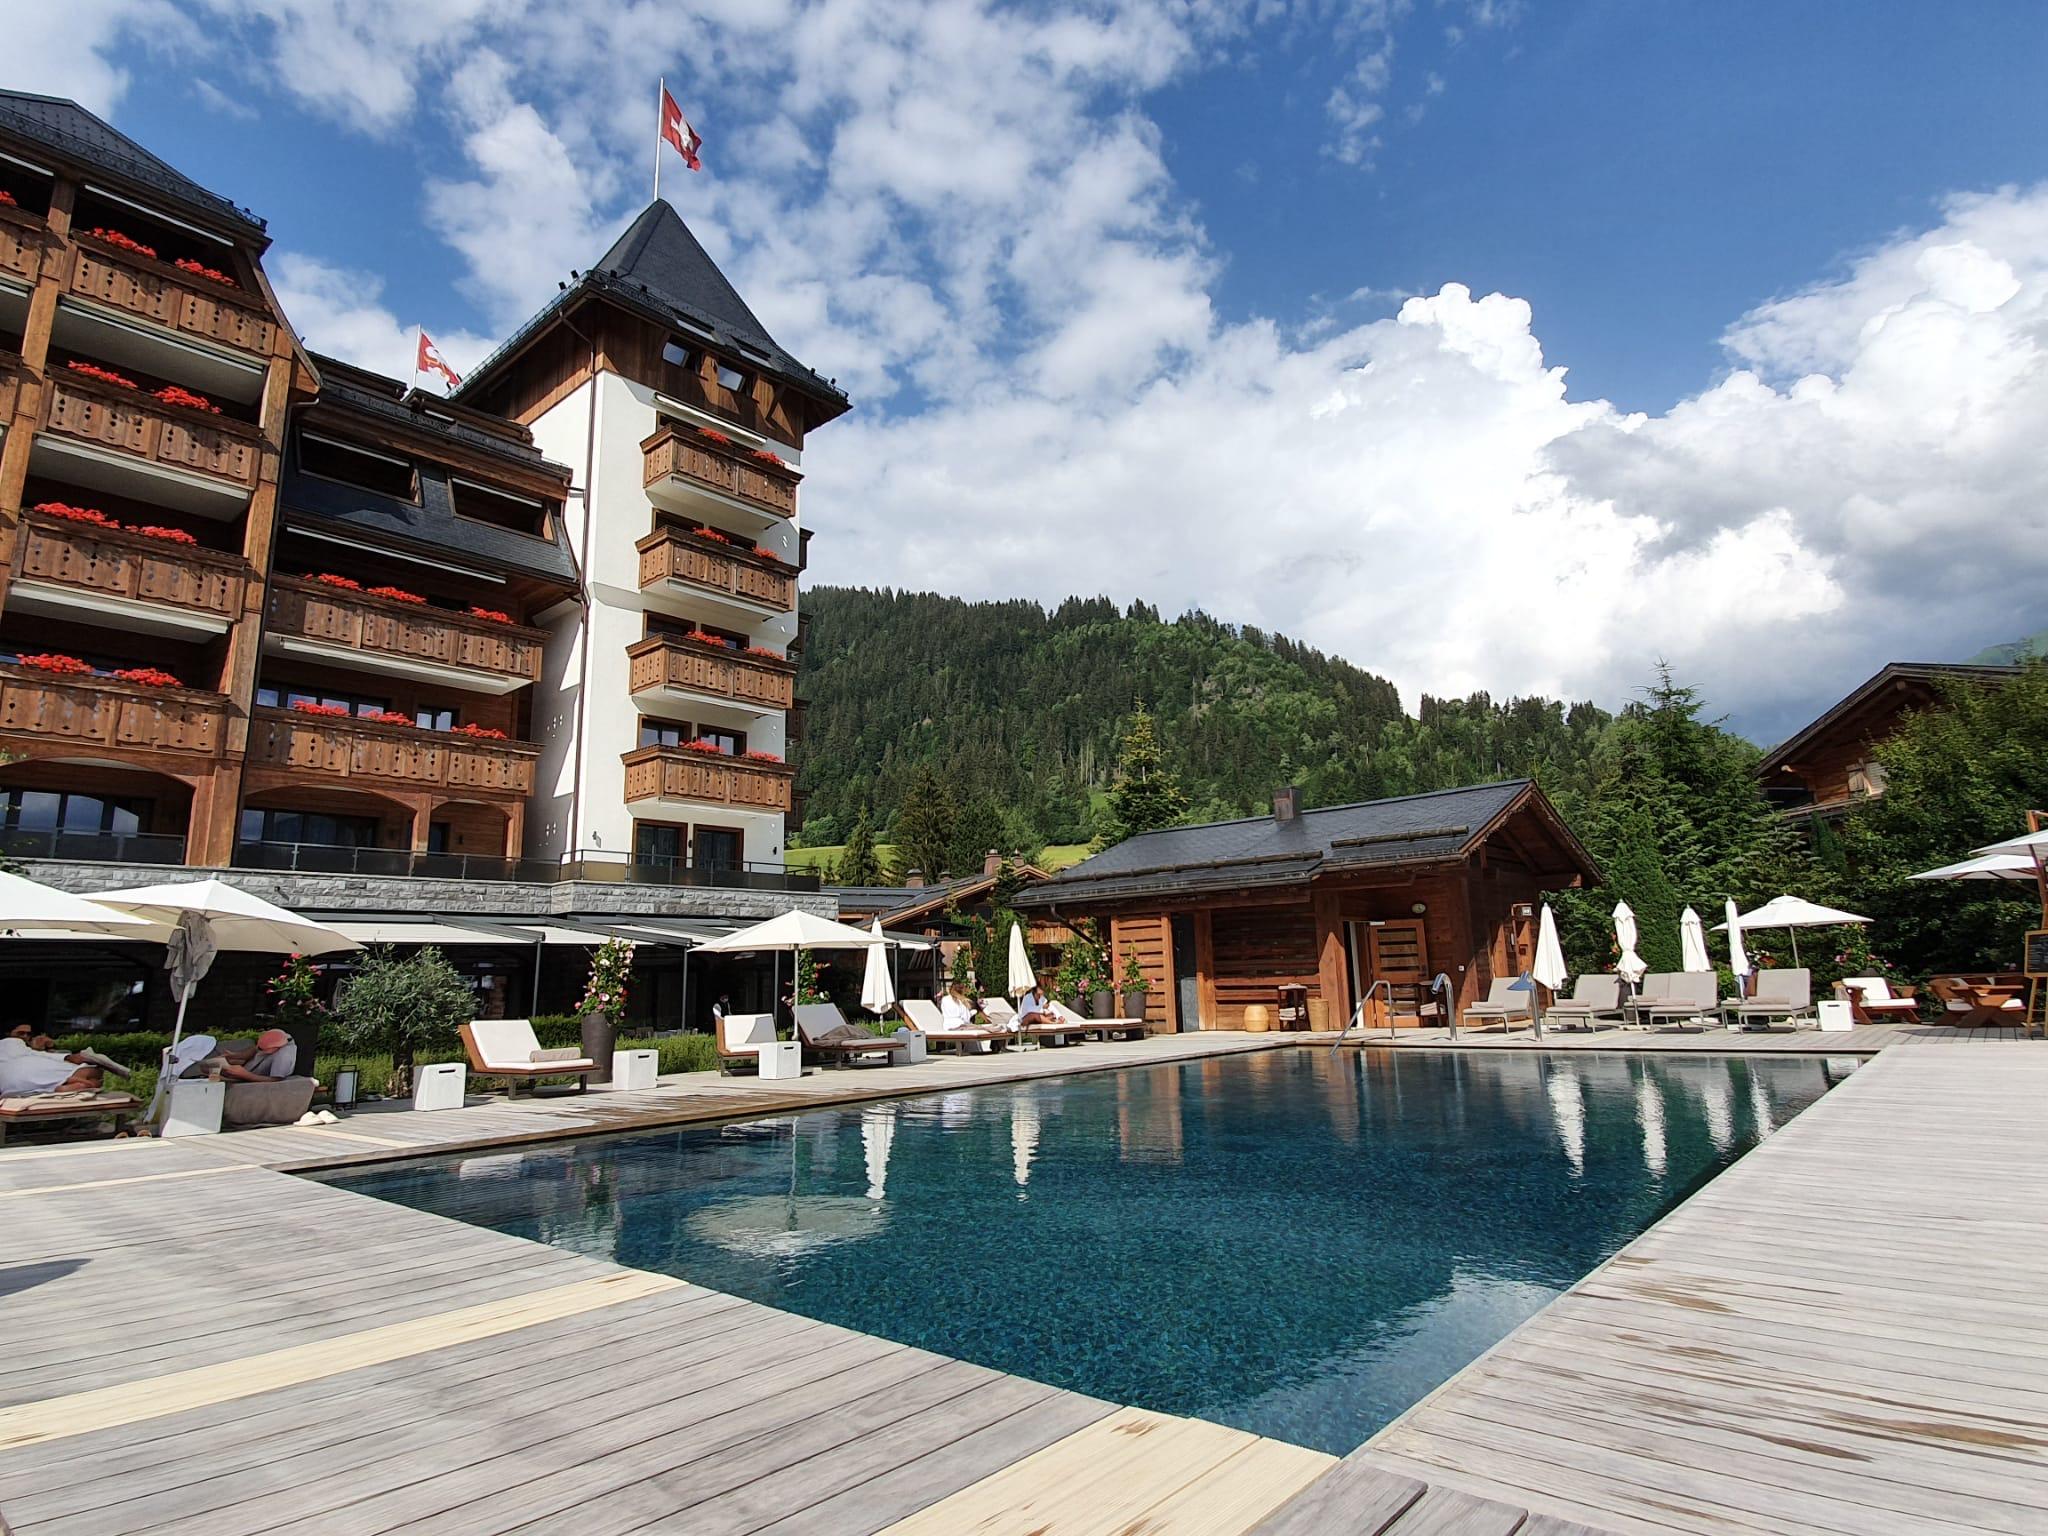 The Alpina Gstaad Aussenpool